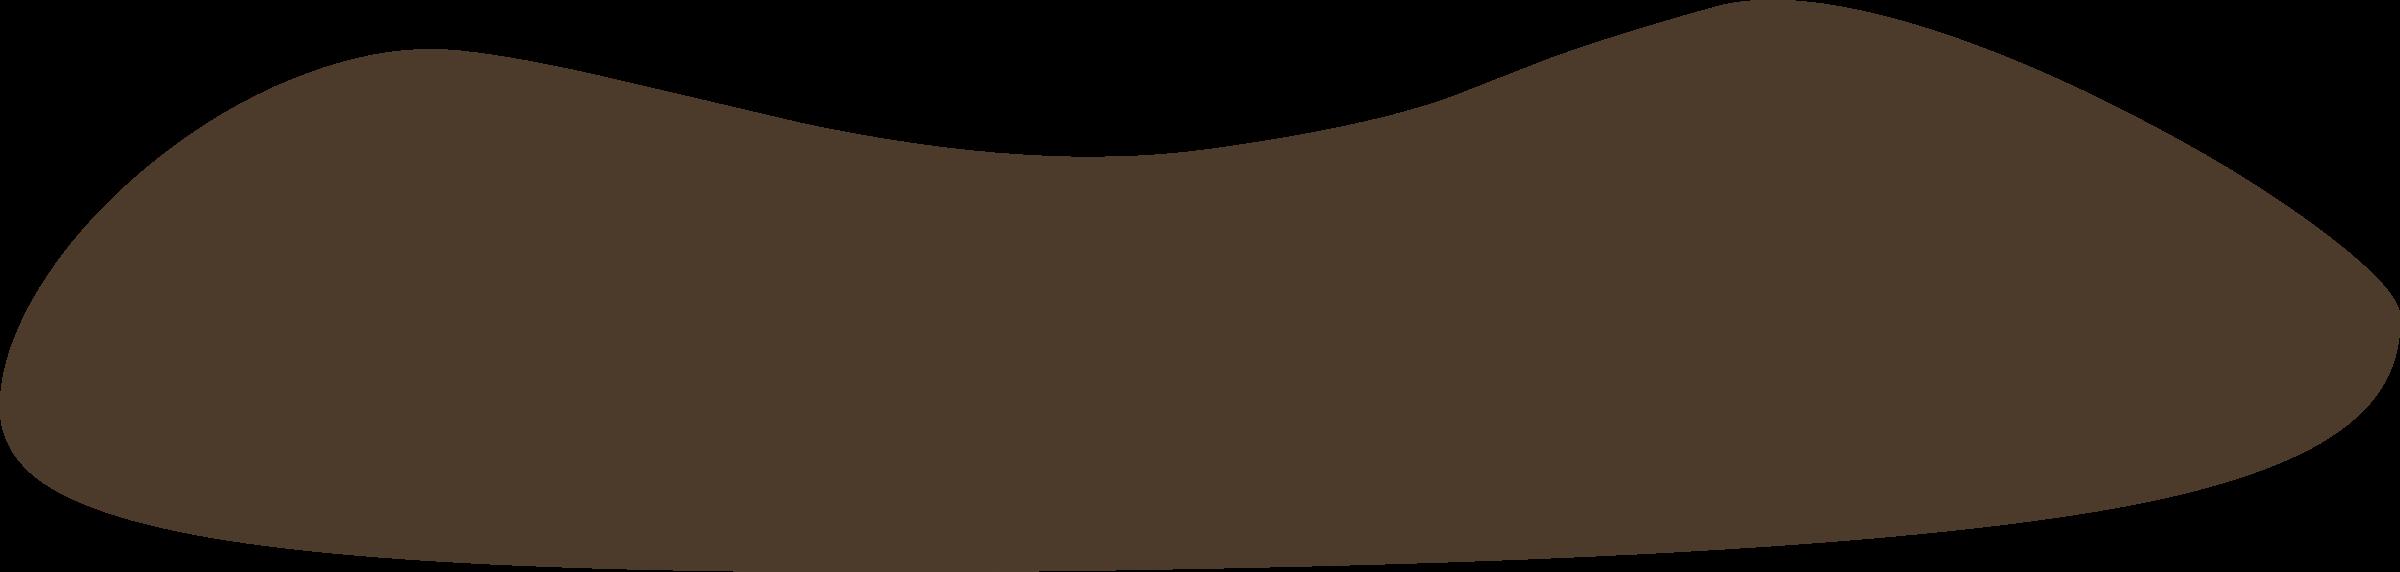 Ground brown ground